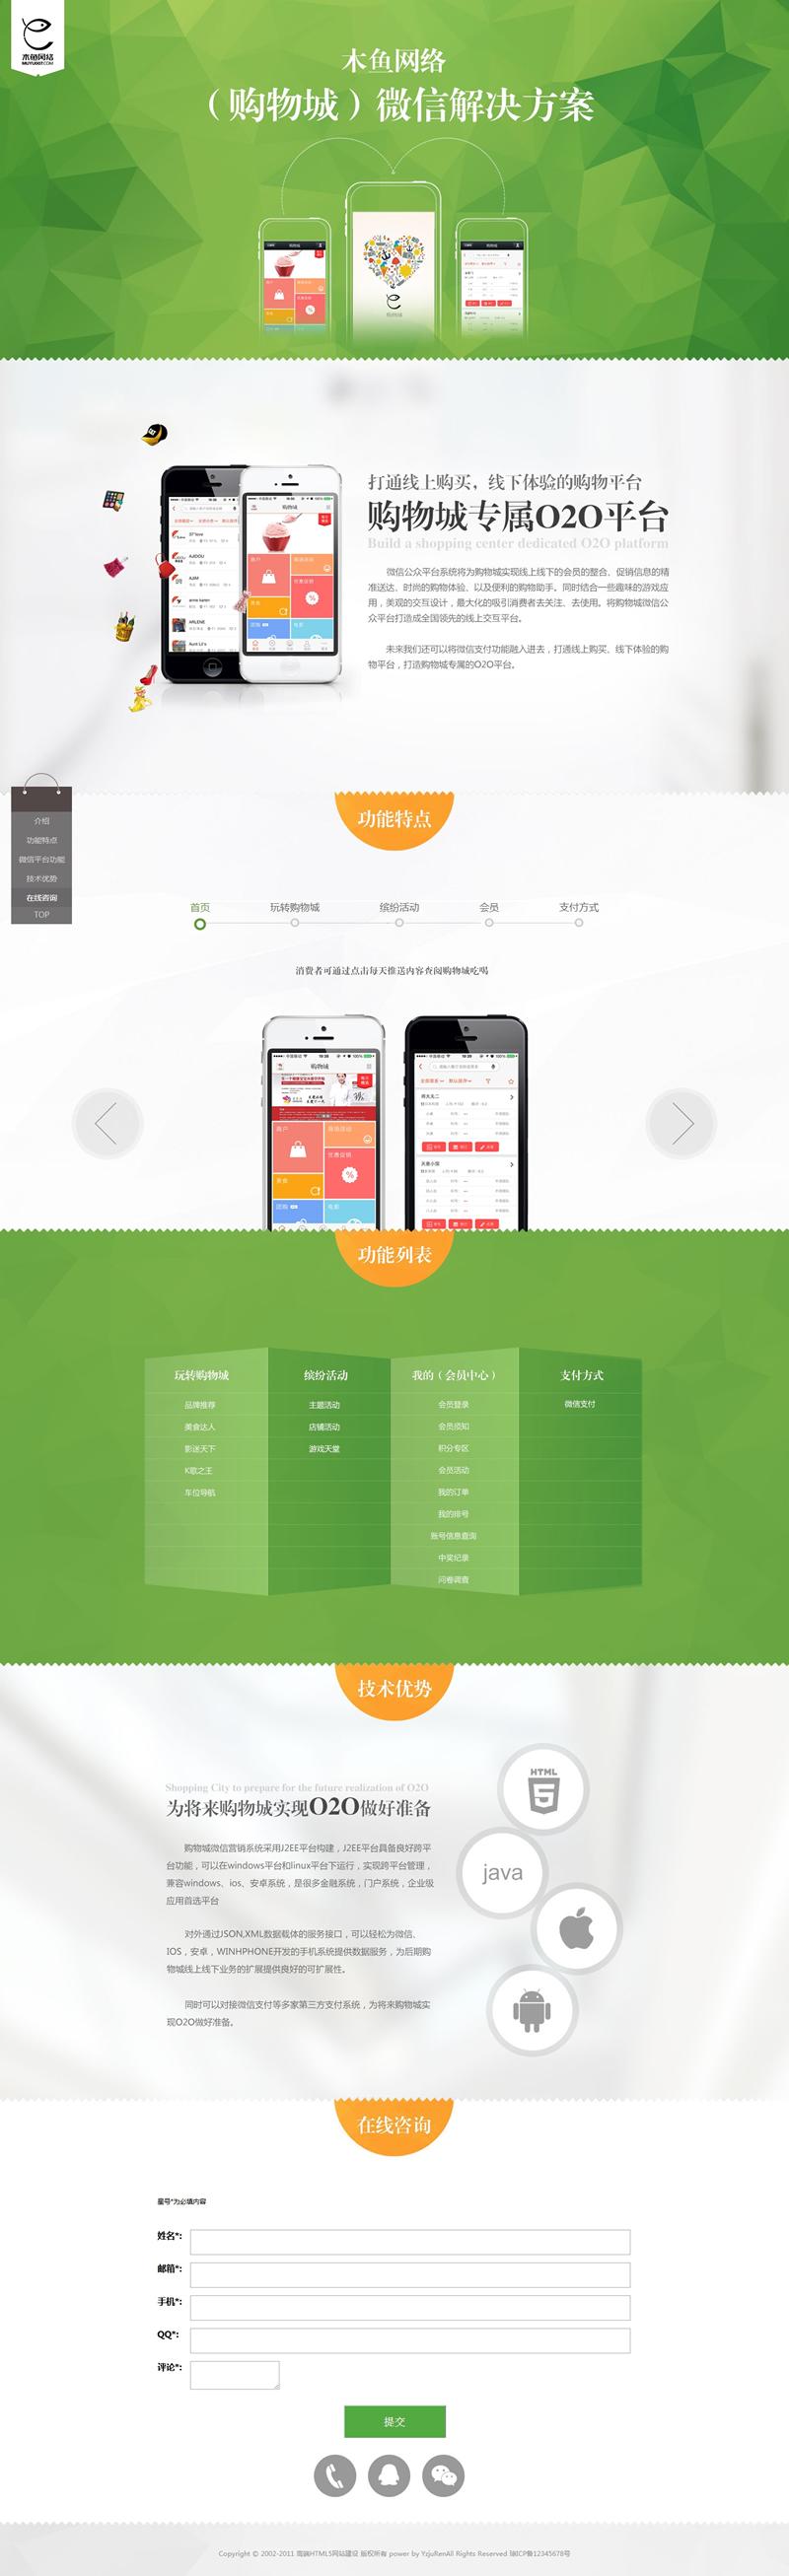 高端HTML5网站建设织梦模板(仿木鱼网络)